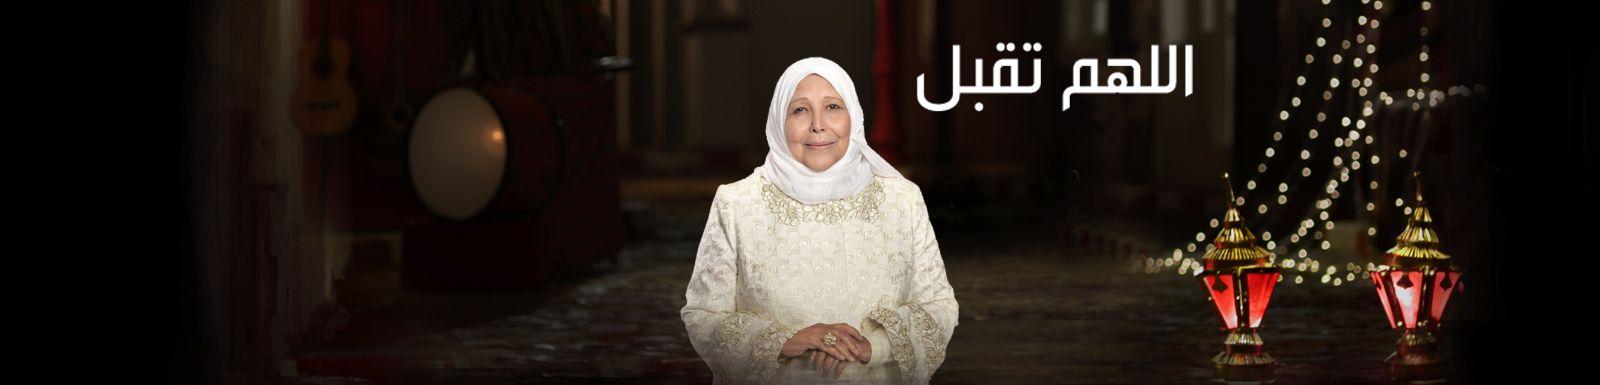 يوتيوب مشاهدة برنامج اللهم تقبل الحلقة 8 الثامنة 2014 كاملة